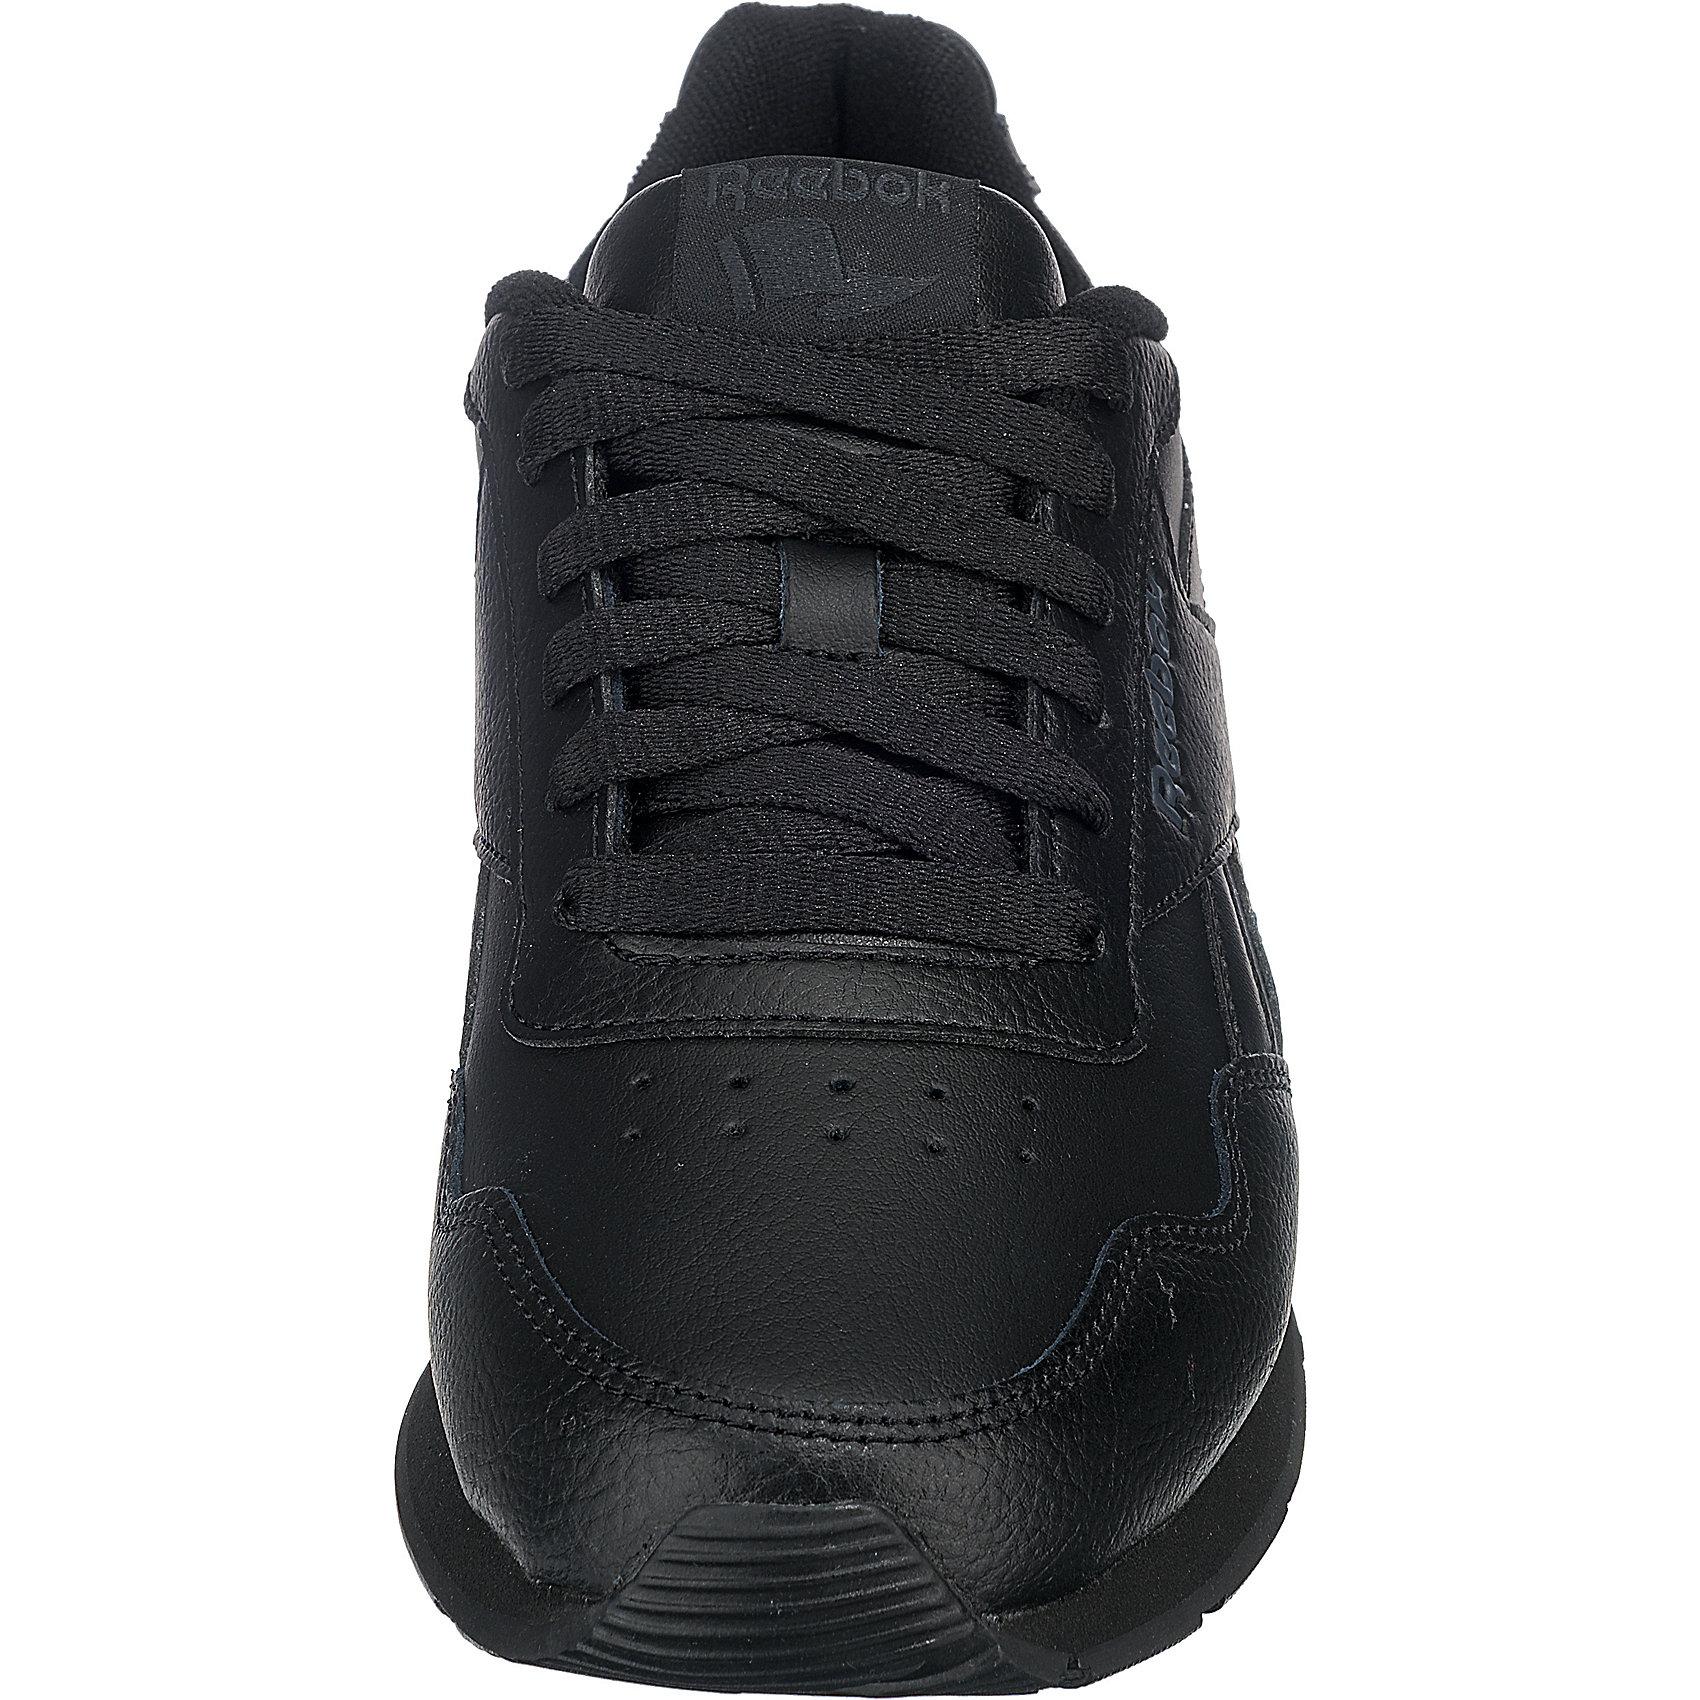 Neu REEBOK ROYAL GLIDE Sneakers Low 5766510 für Damen weiß schwarz